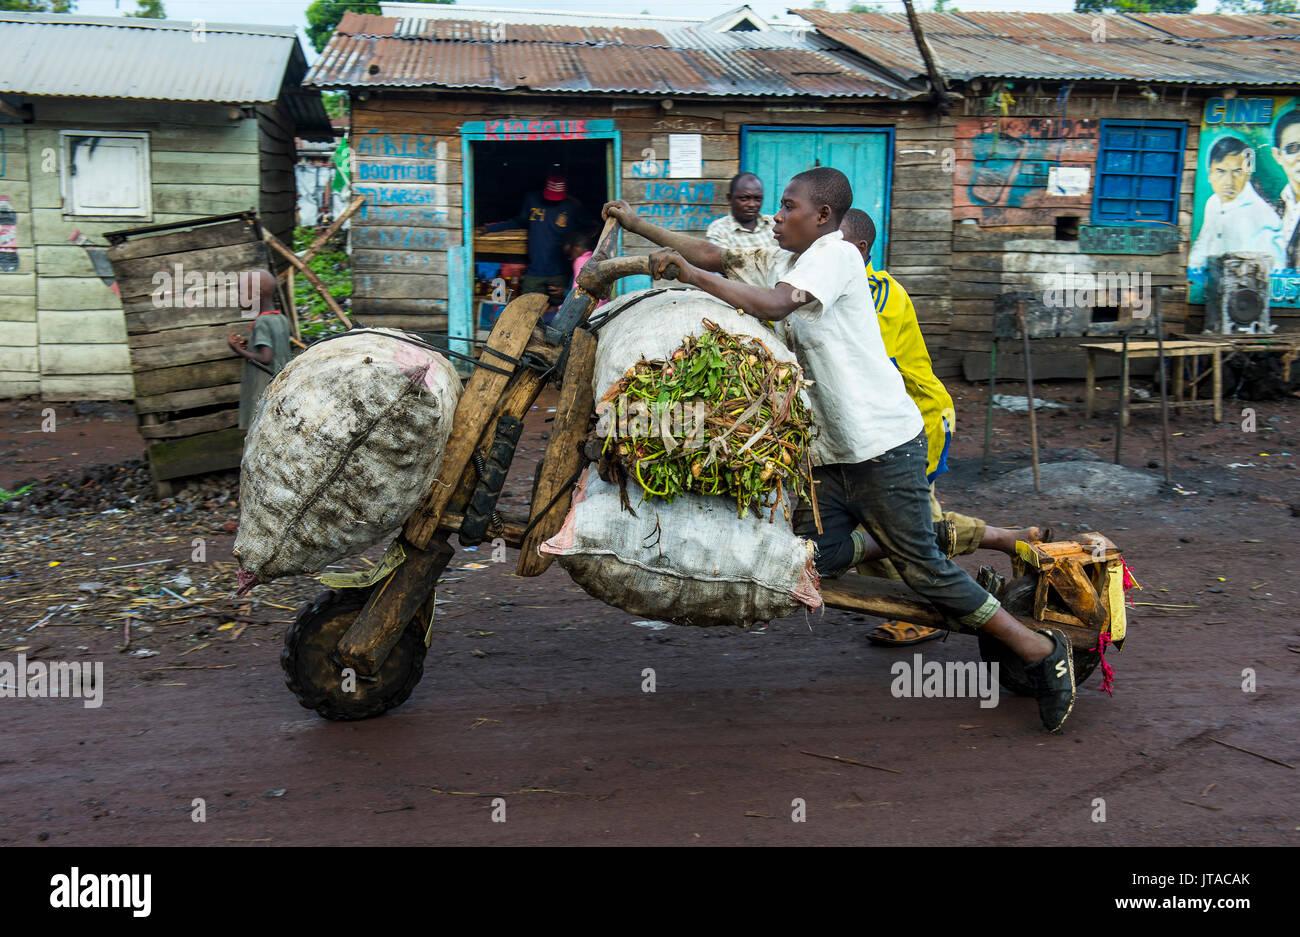 Uomo locale di trasportare le loro merci su self made vettori, Goma, nella Repubblica democratica del Congo, Africa Immagini Stock